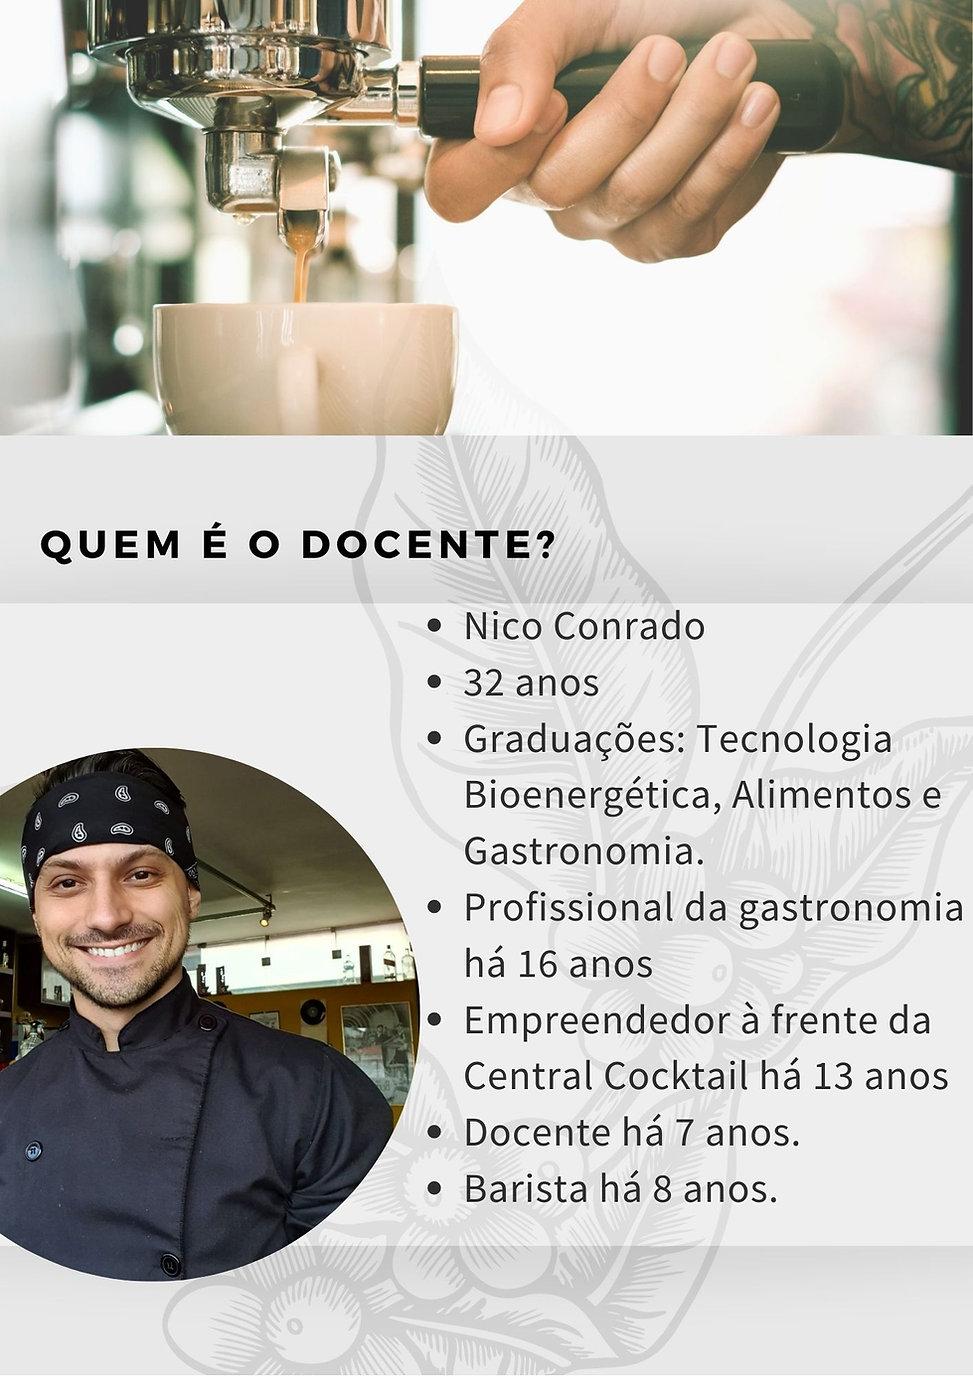 curso de barista (1).jpg